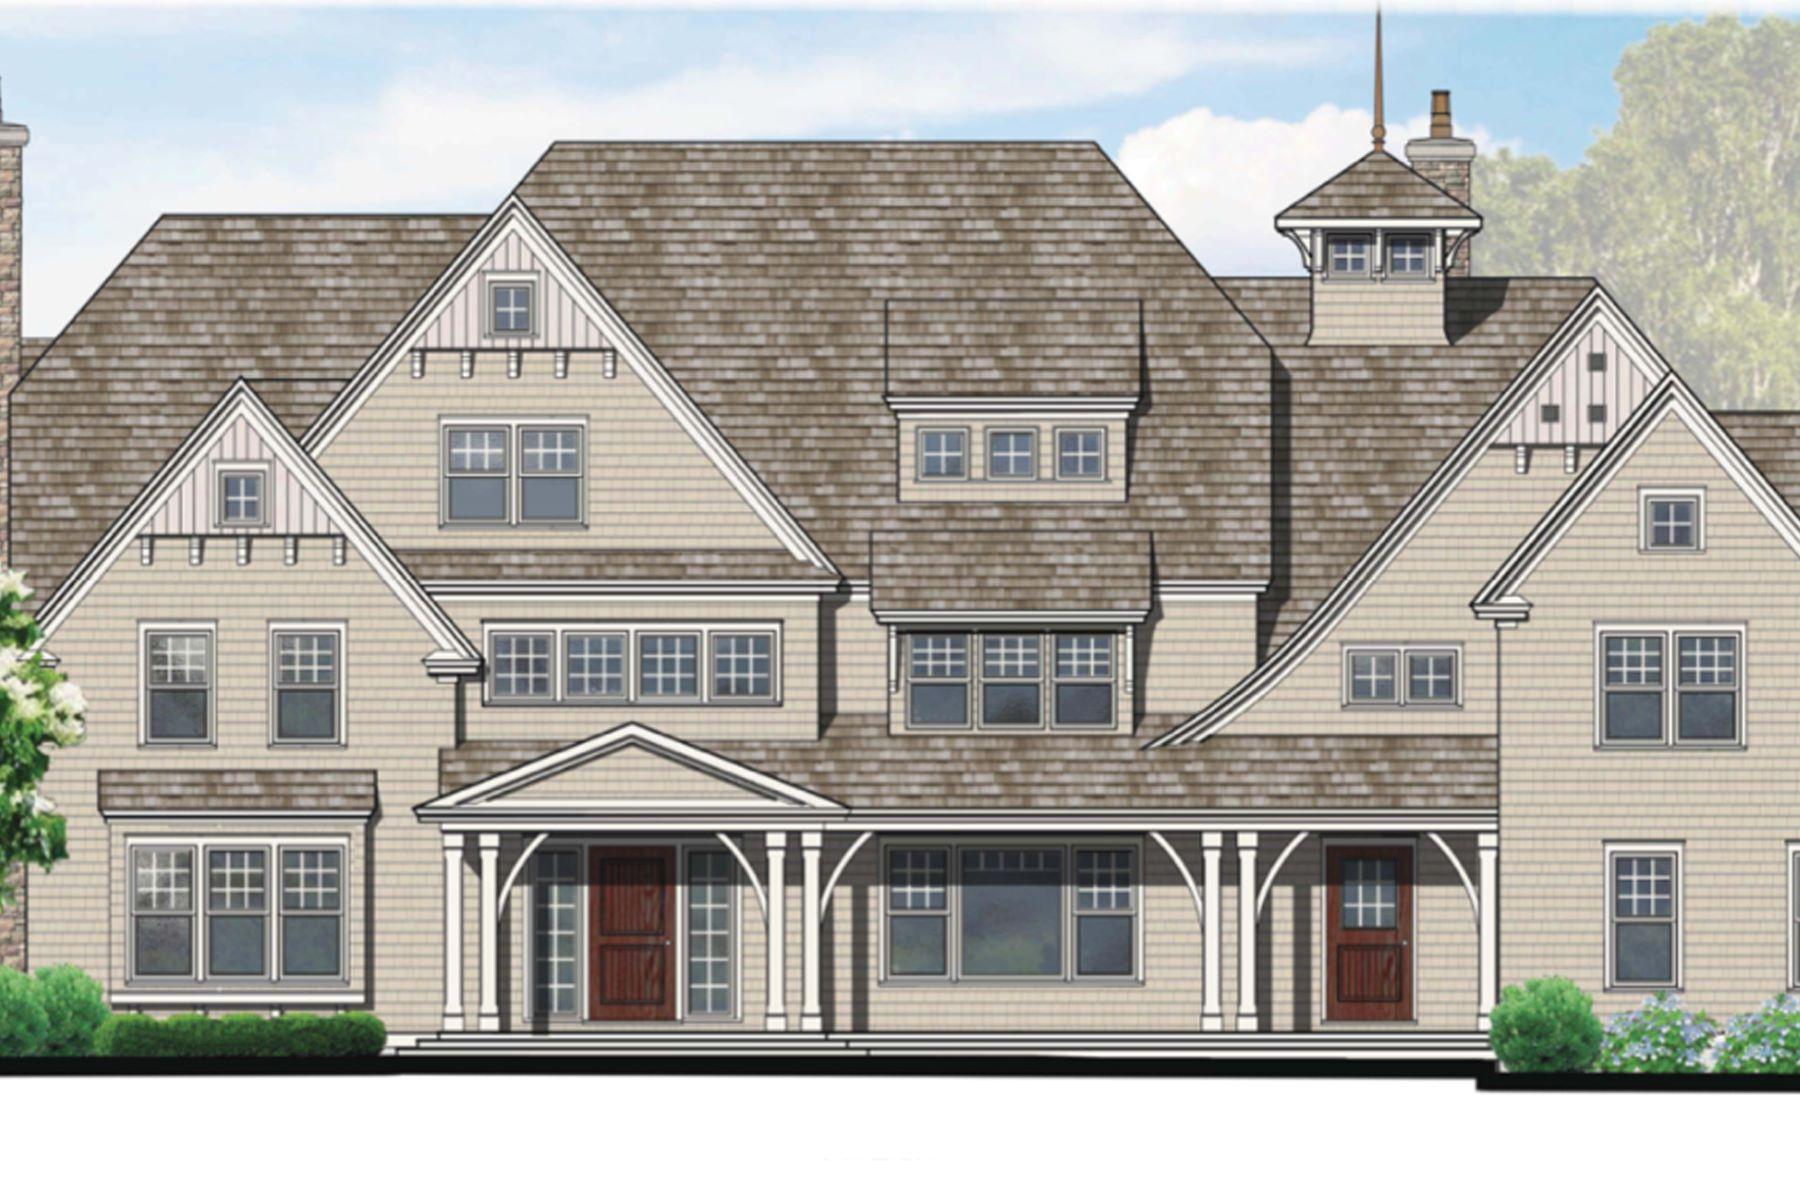 Maison unifamiliale pour l Vente à Extraordinary New Construction 729 Smith Ridge Road New Canaan, Connecticut 06840 États-Unis